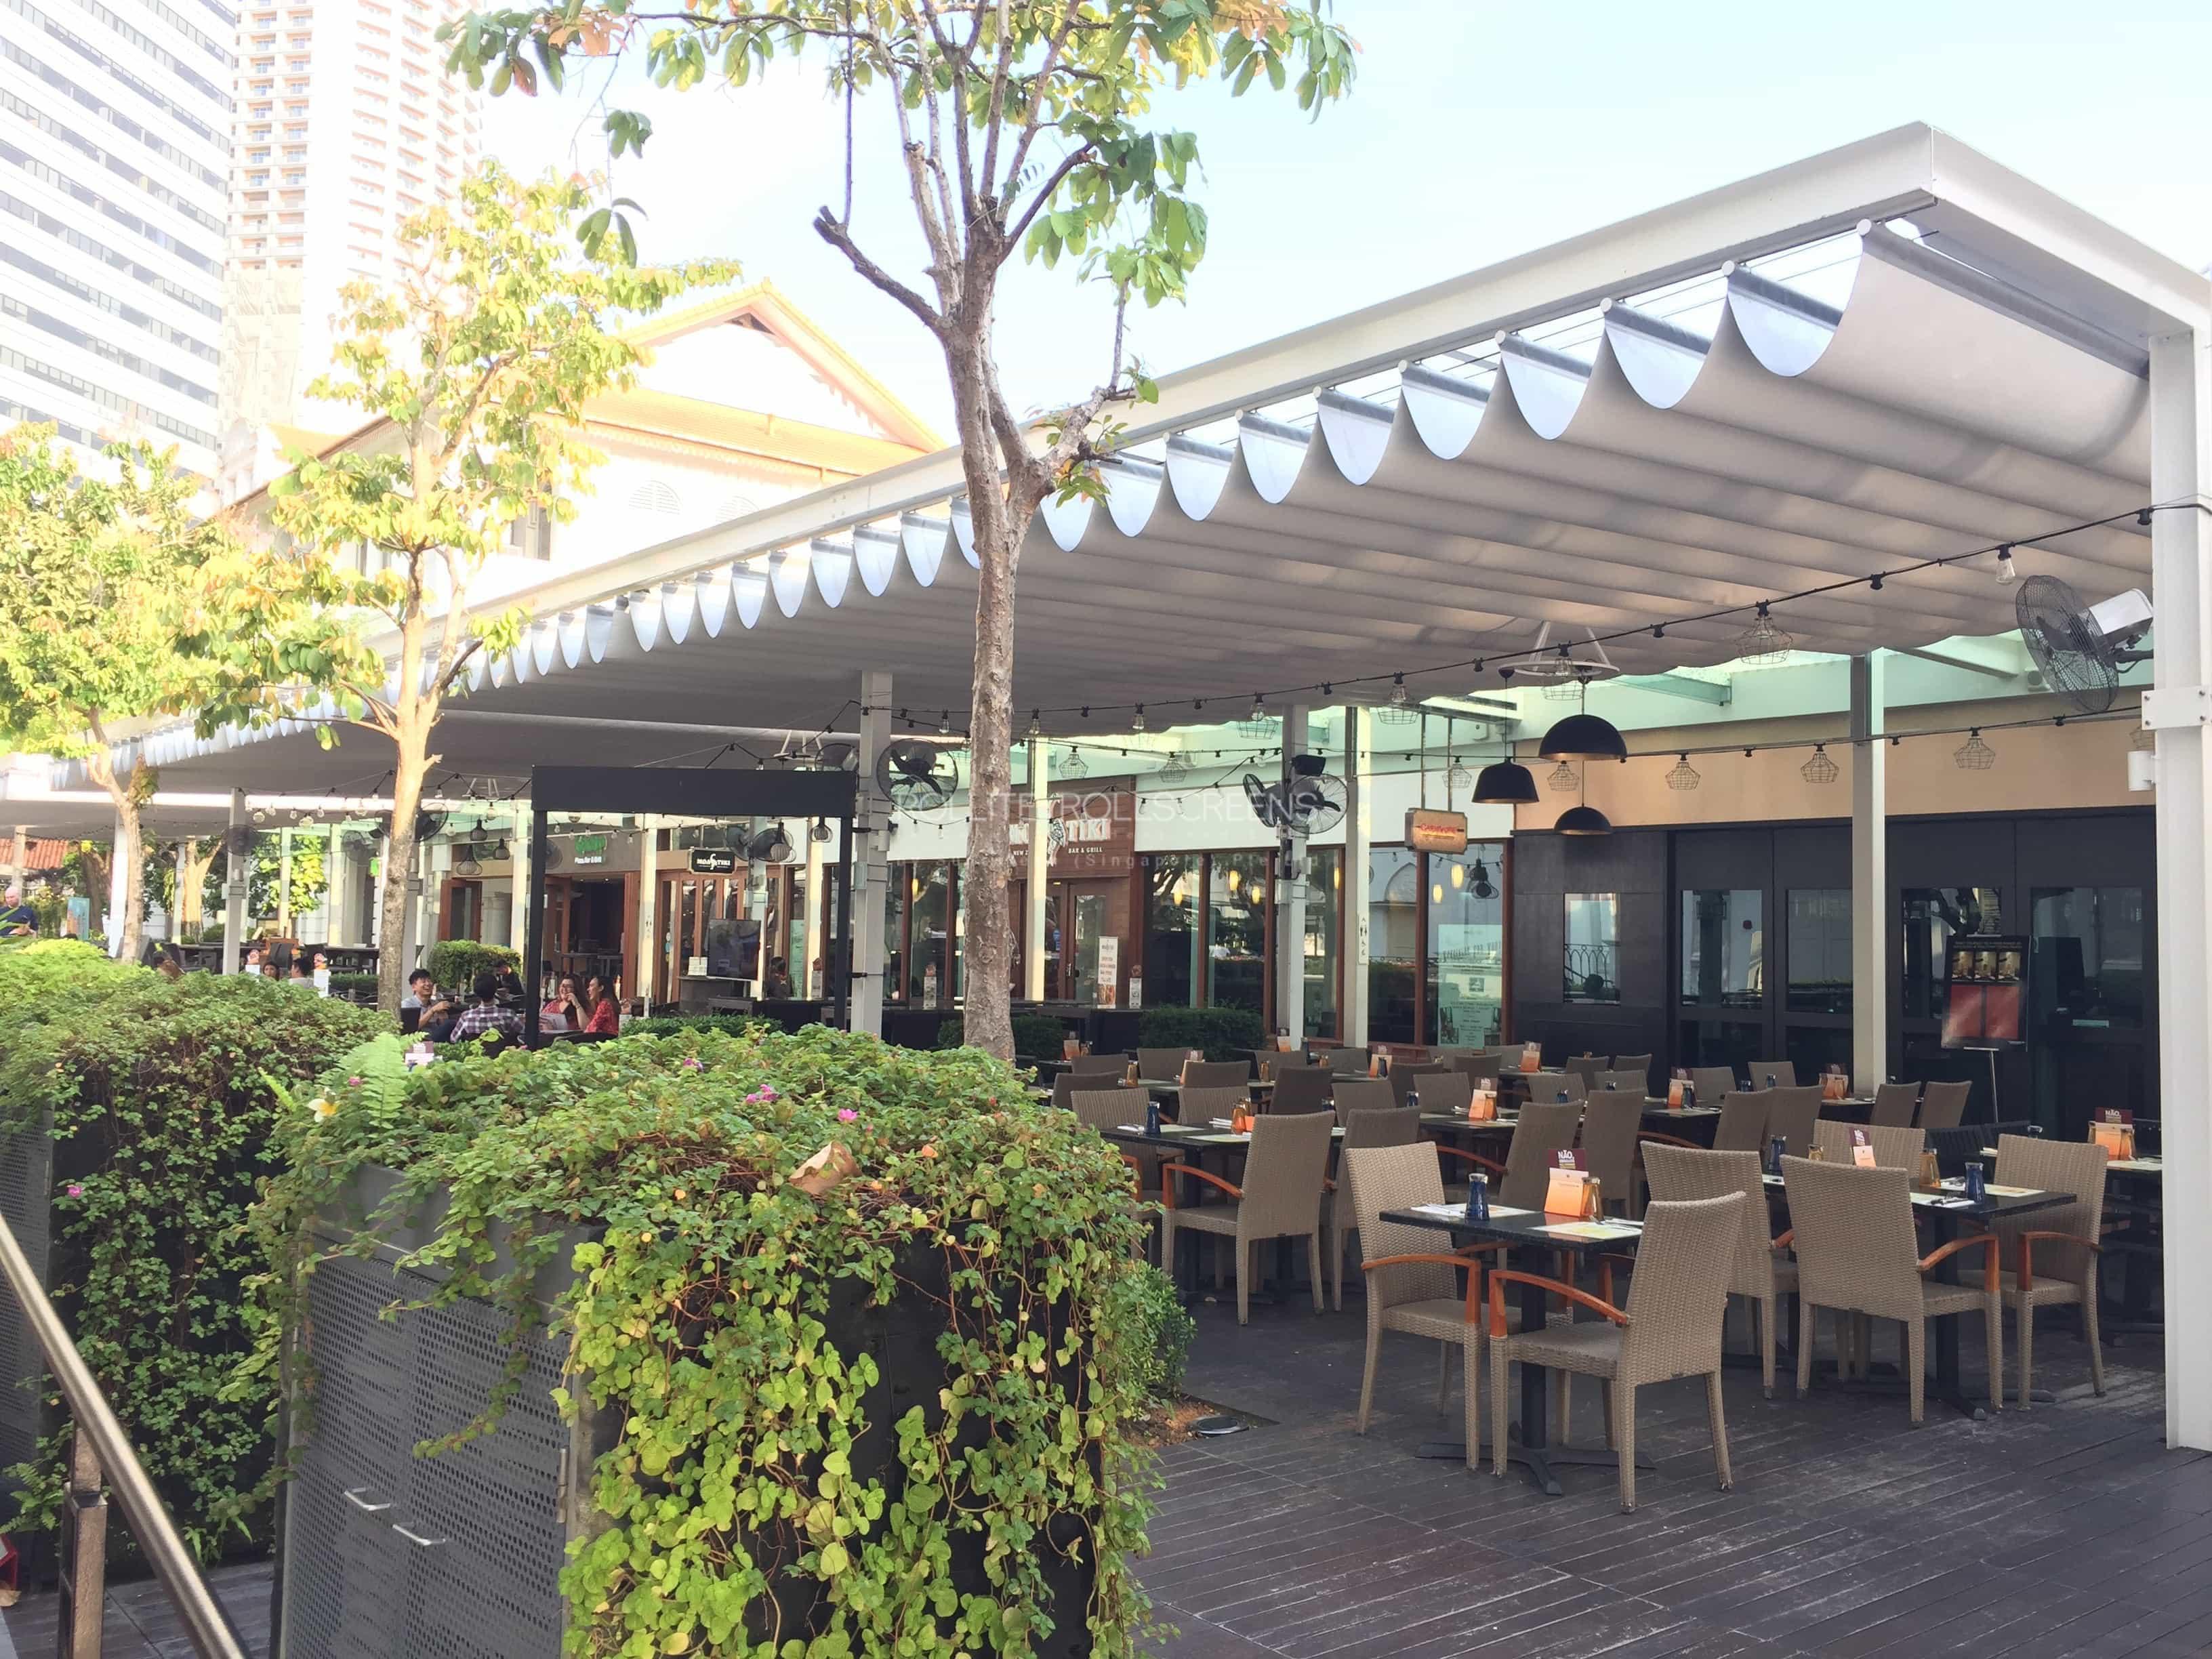 Sunscreen Singapore_Rollite External Scallop Skylight 10